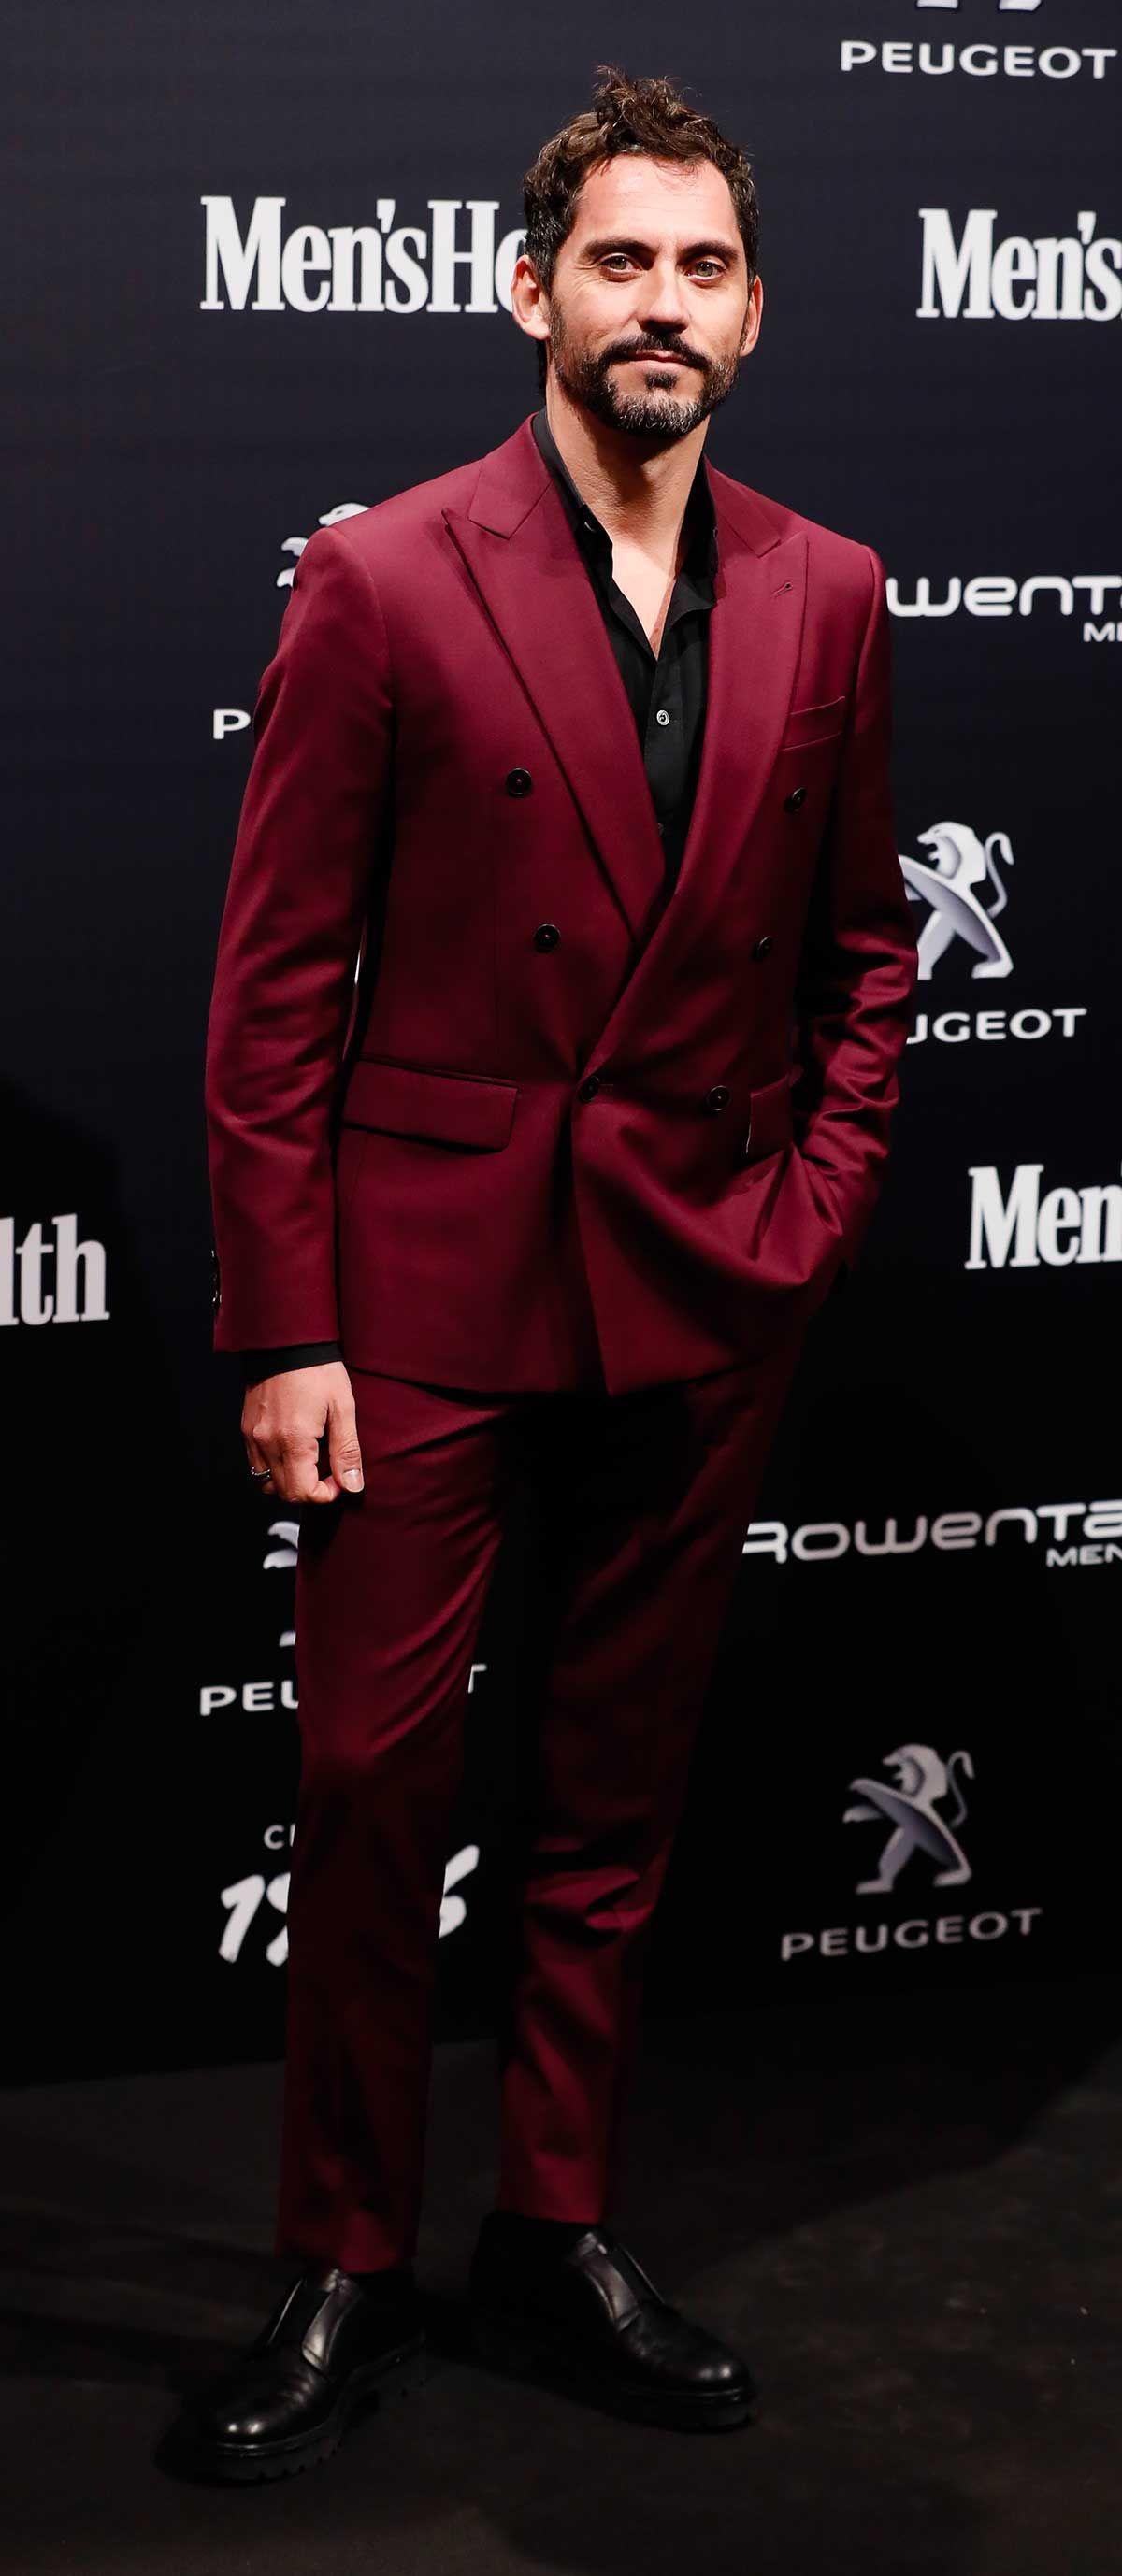 De Premios Men's Y Health Peor Vestidas Mejor Hombres Del Las Los 80mwNn